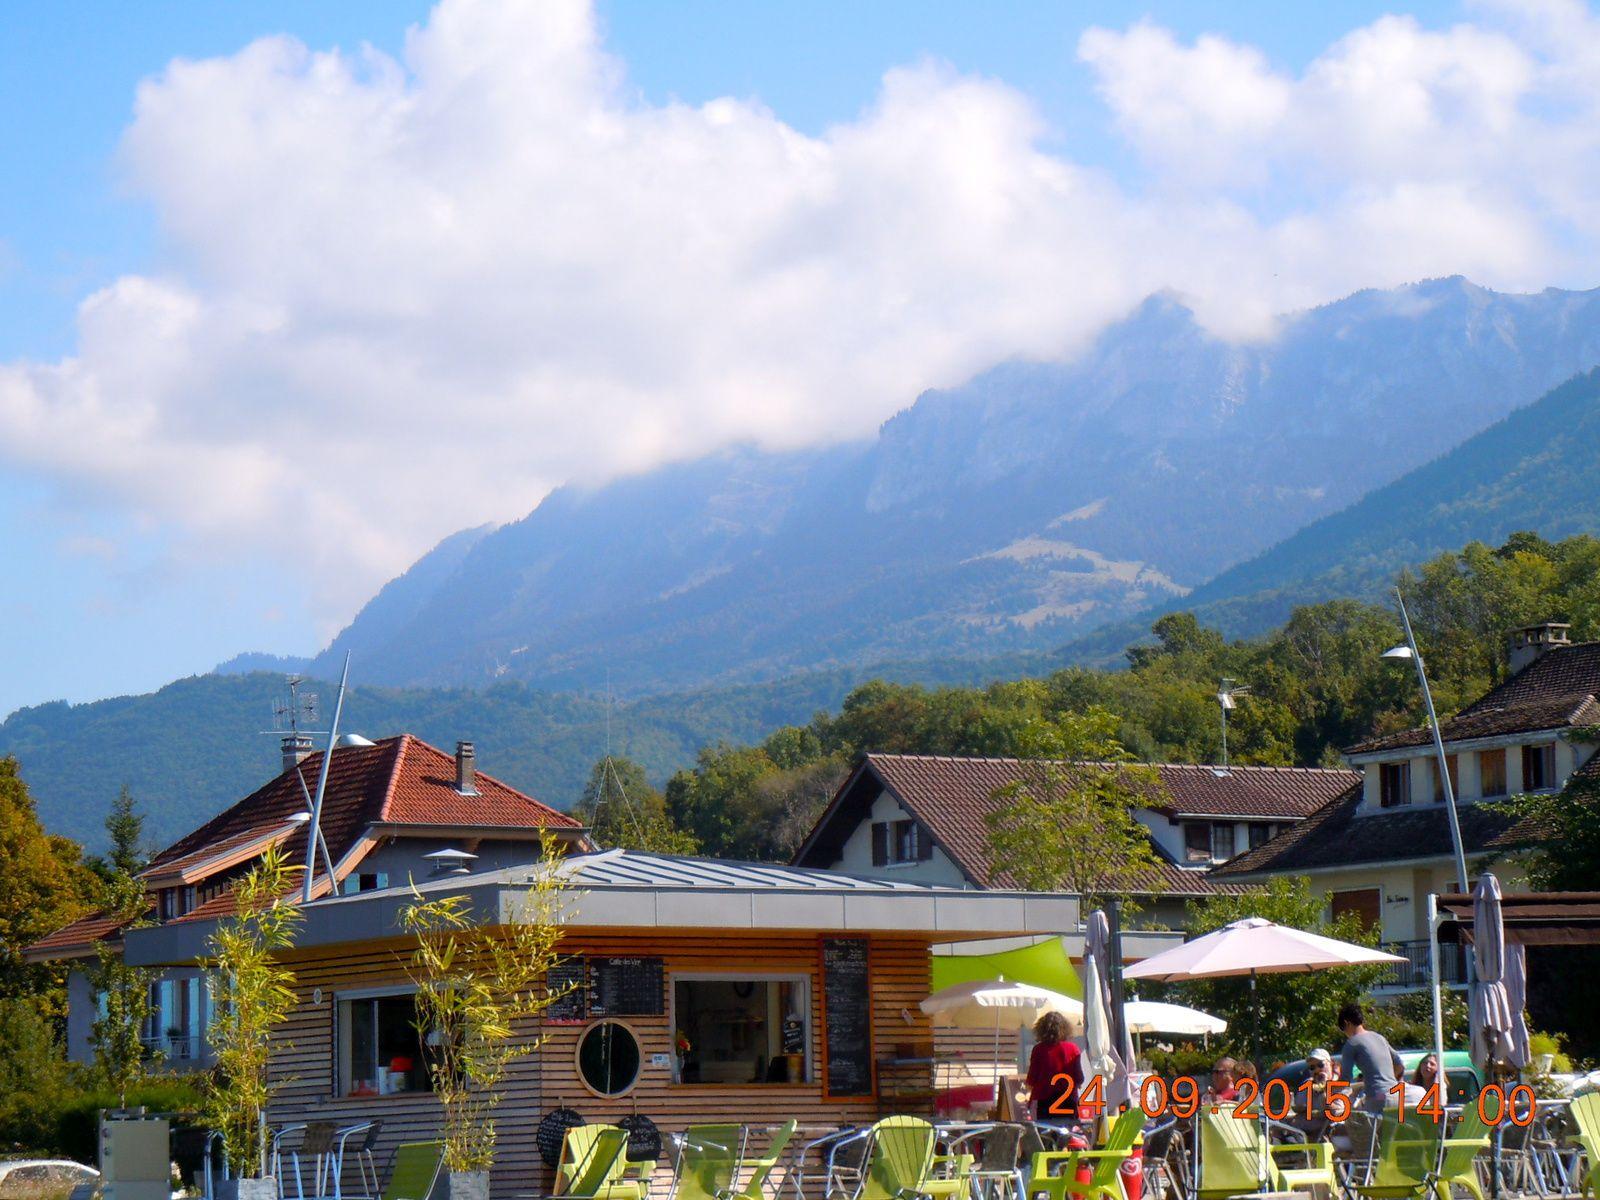 Petit coin de ciel suisse du 24 septembre